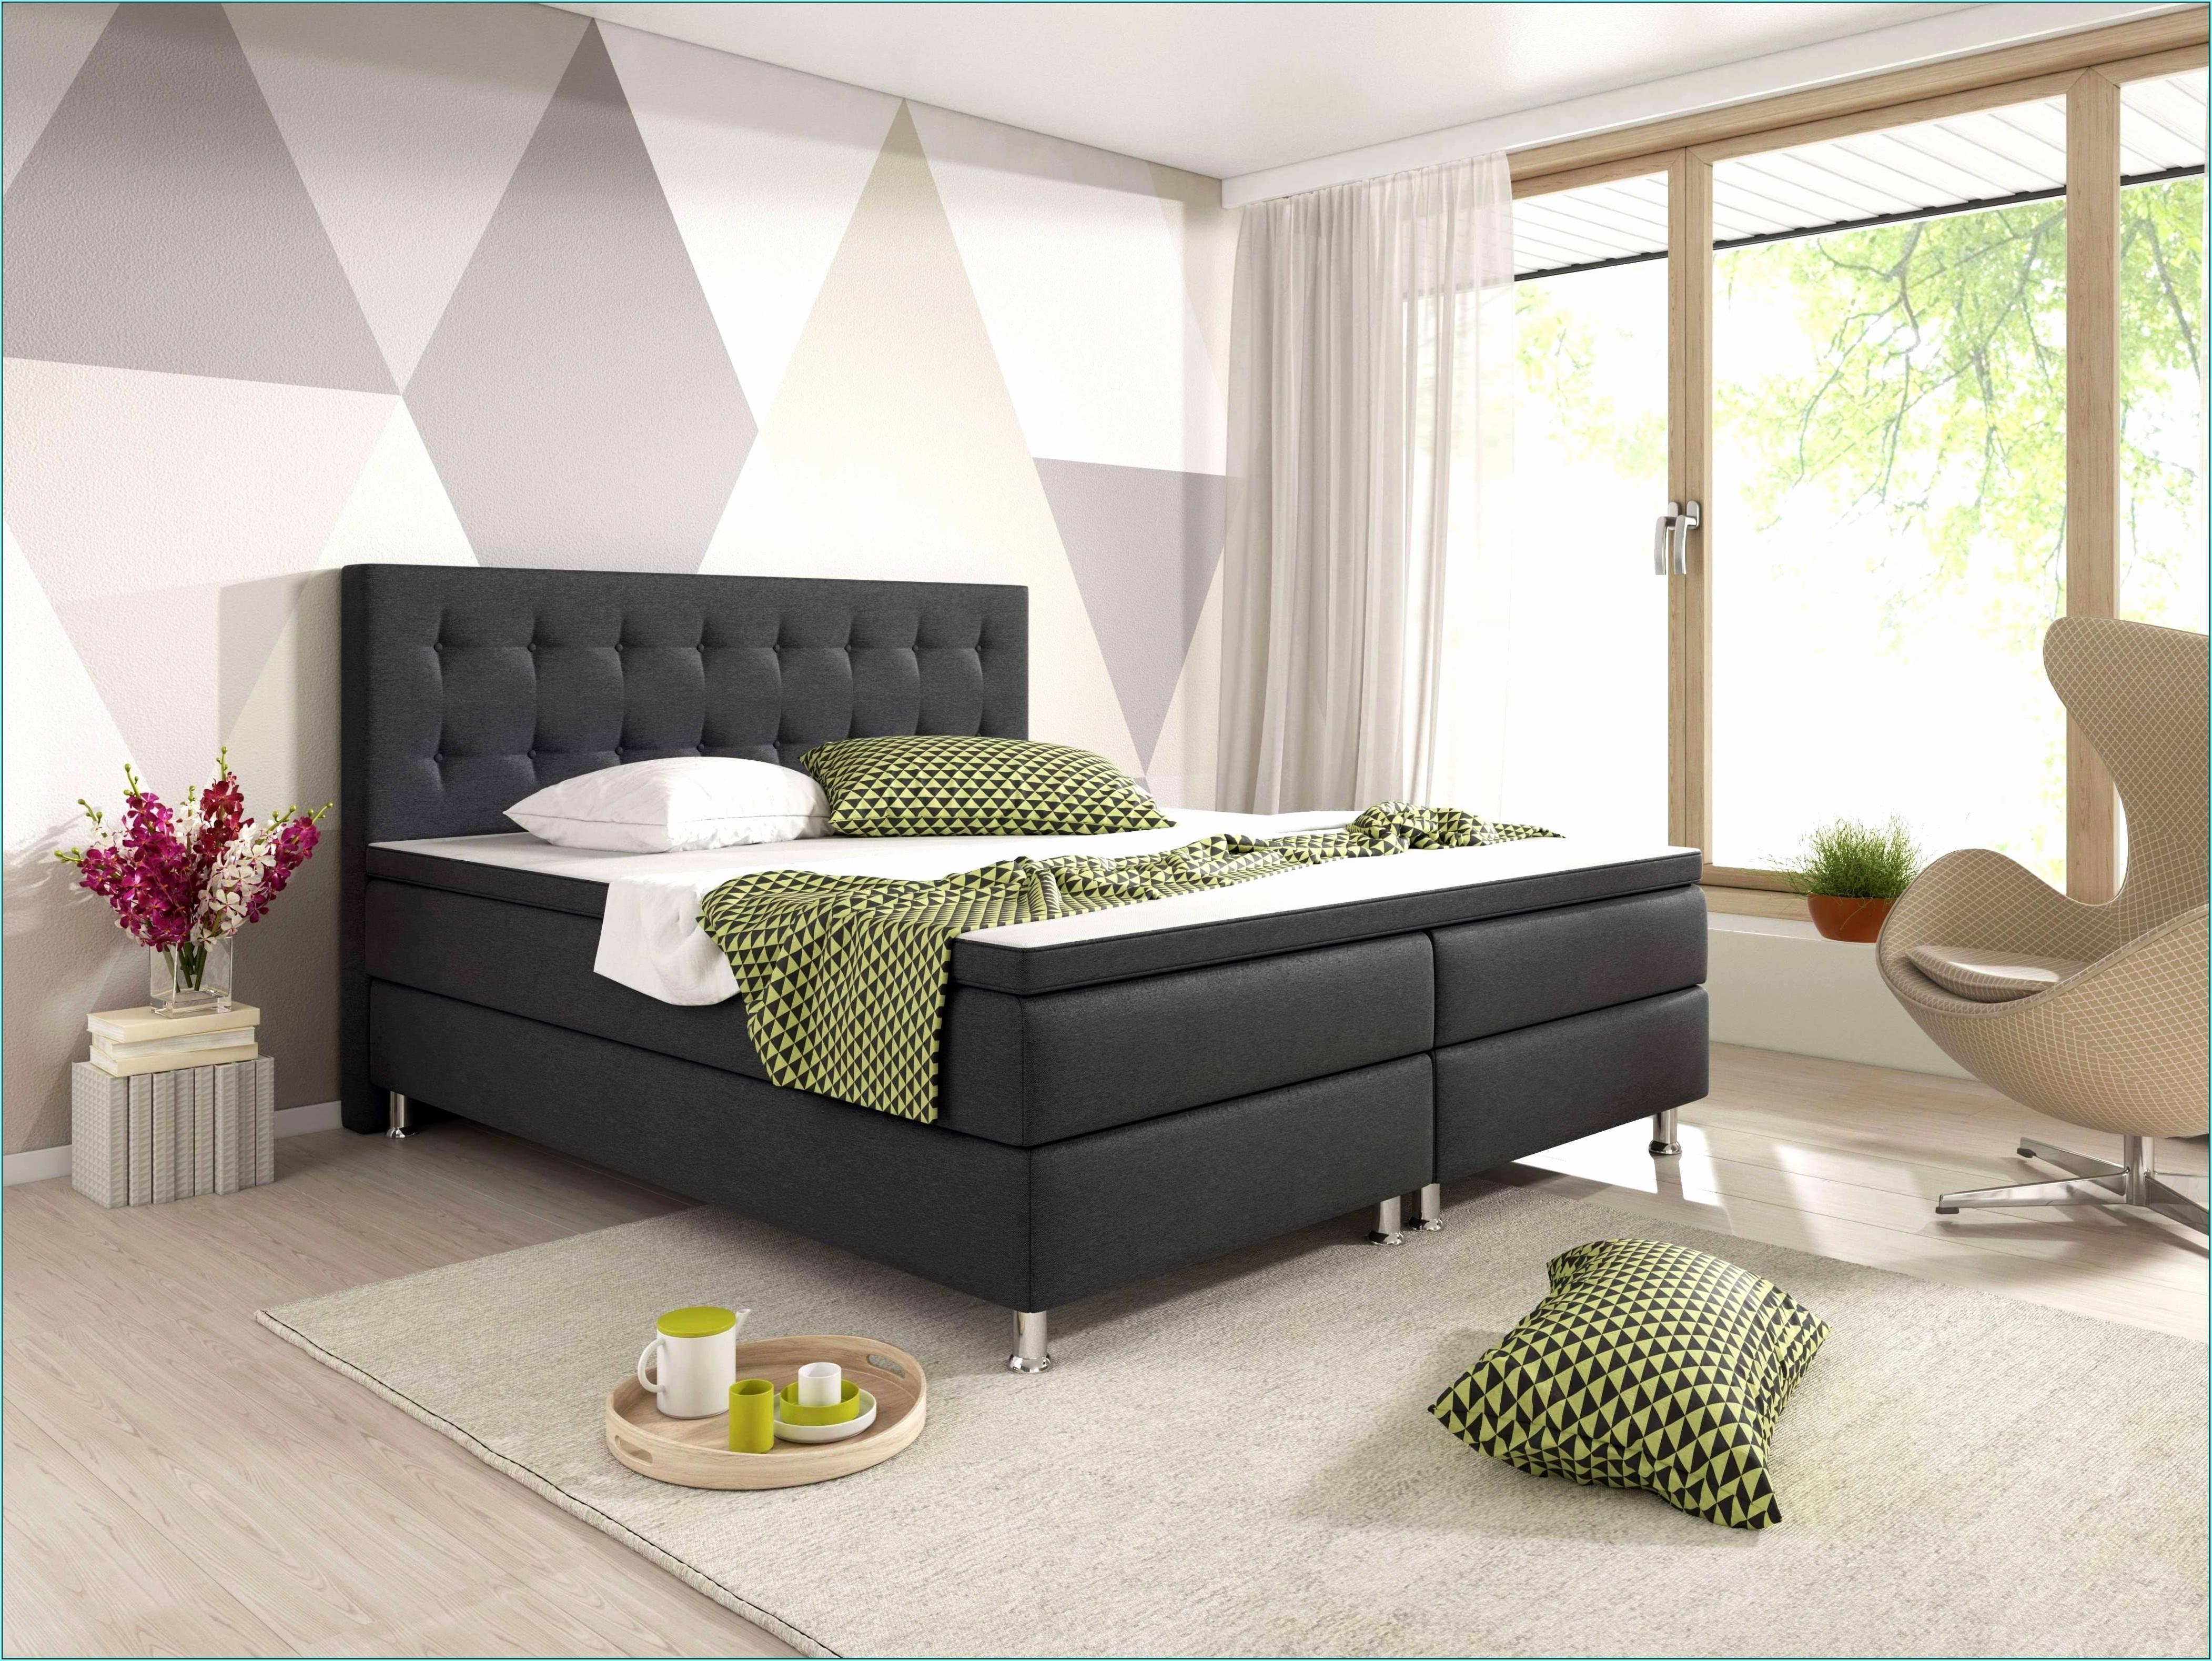 Wohnzimmer Ideen Modern Bilder